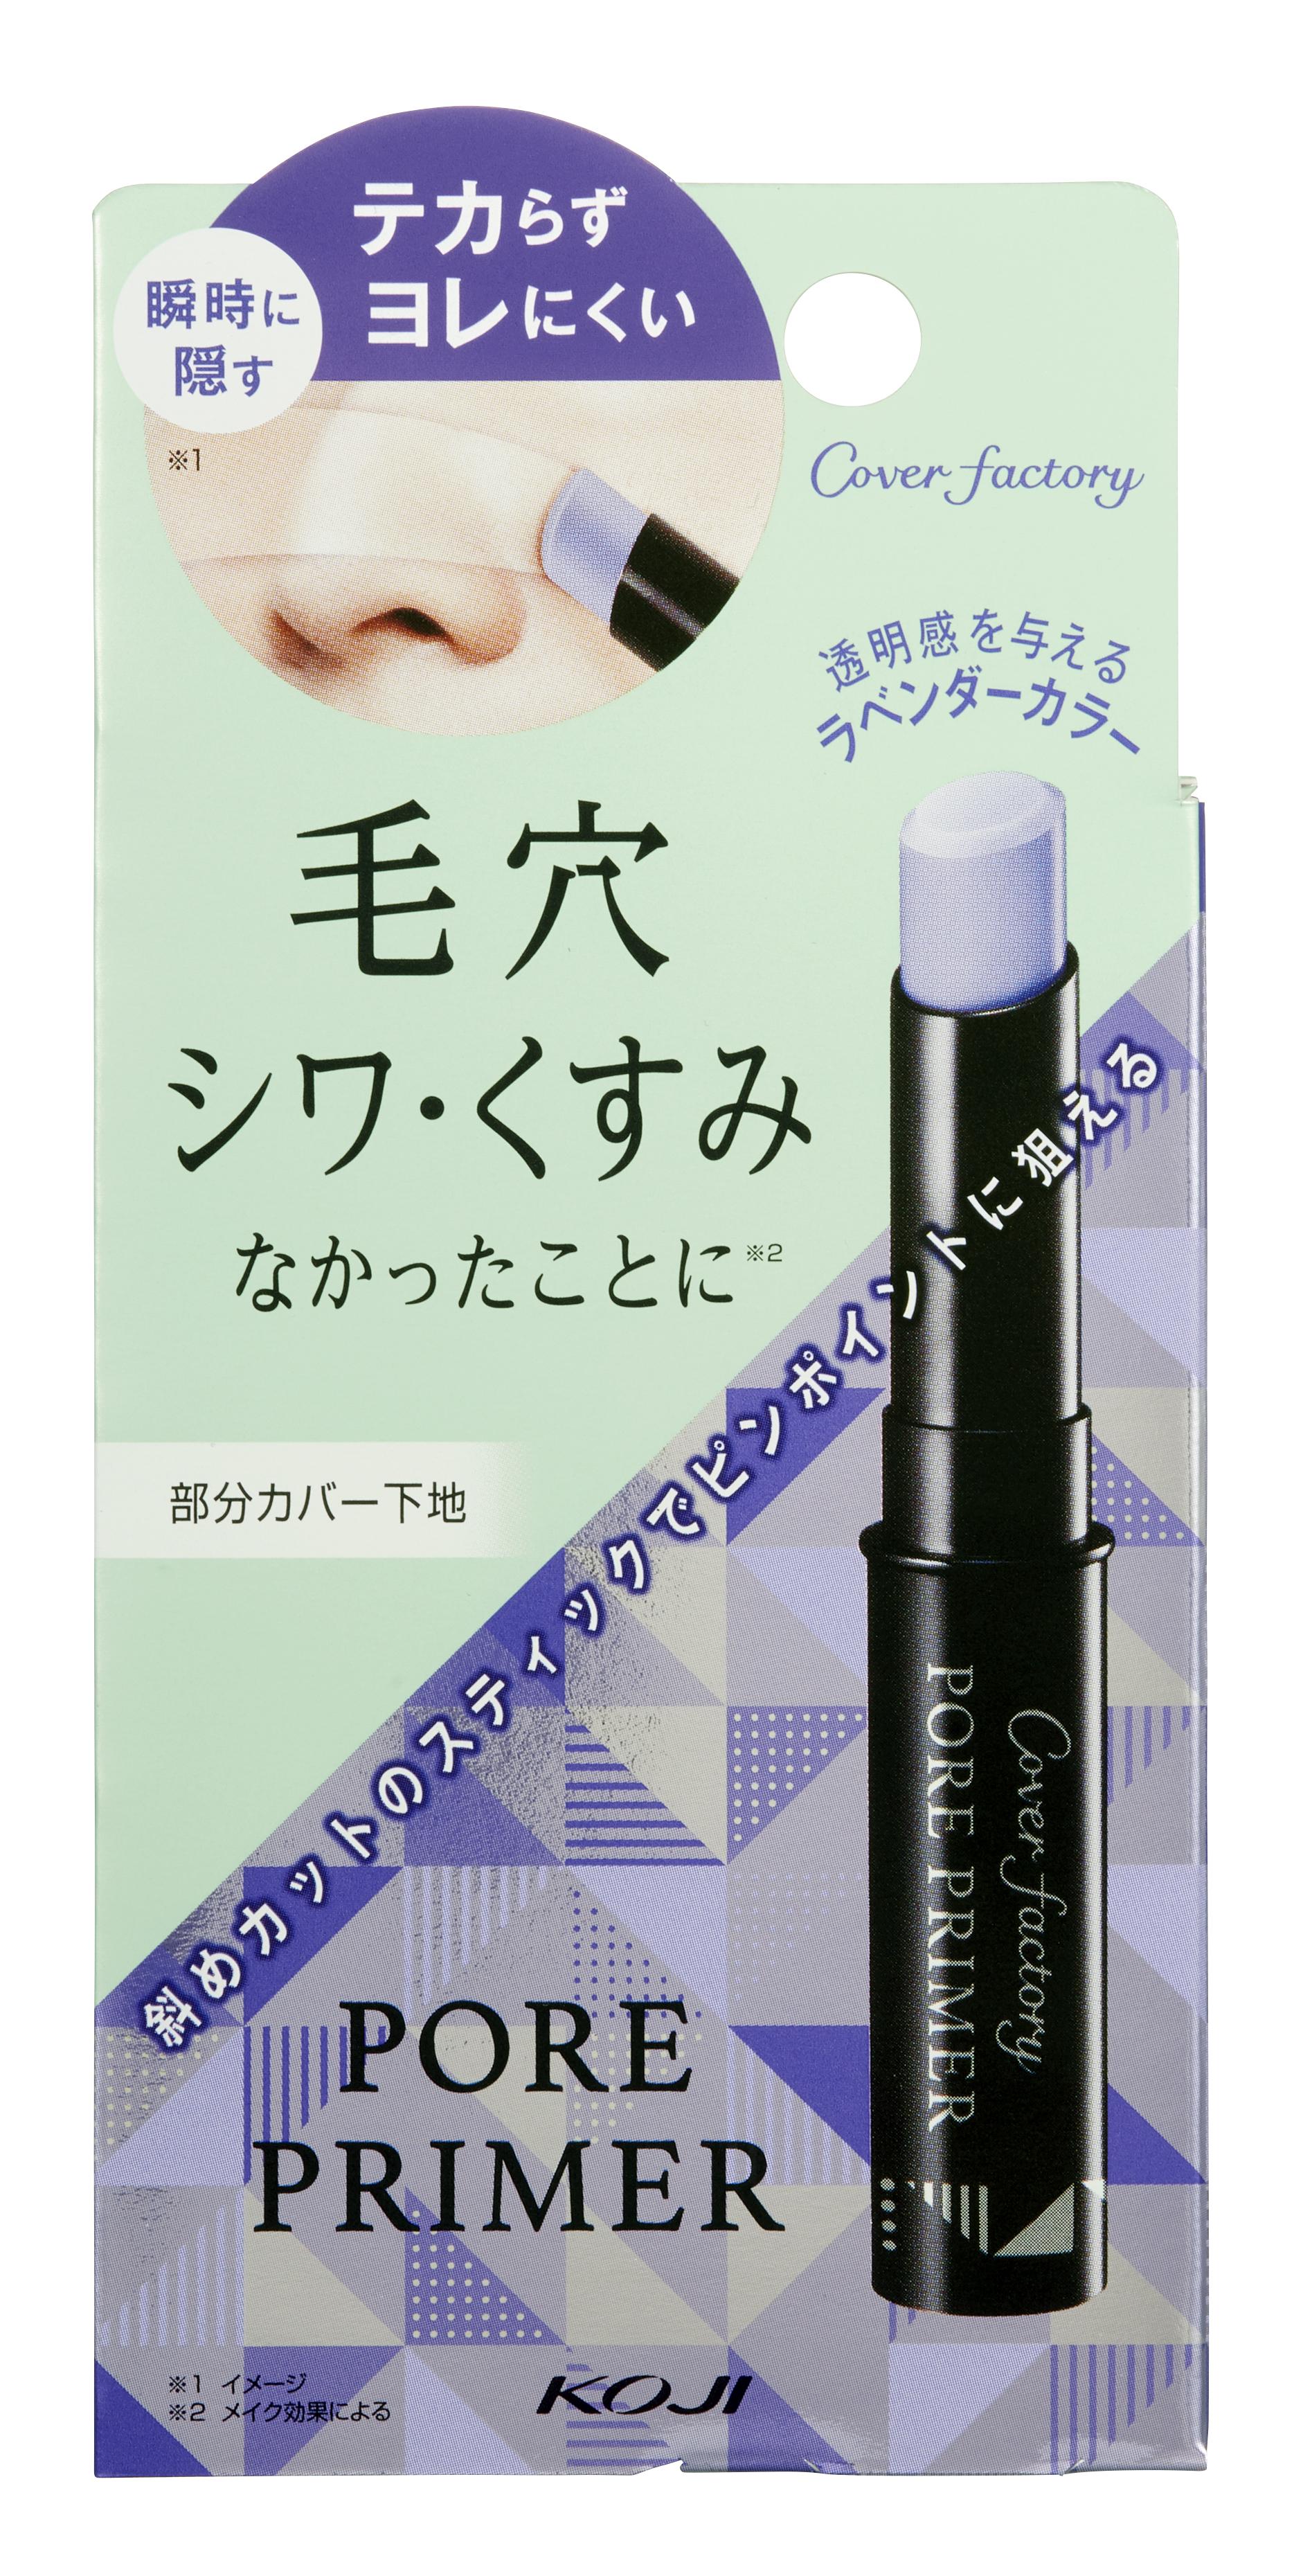 Che khuyết điểm Koji Cover Factory Pore Primer